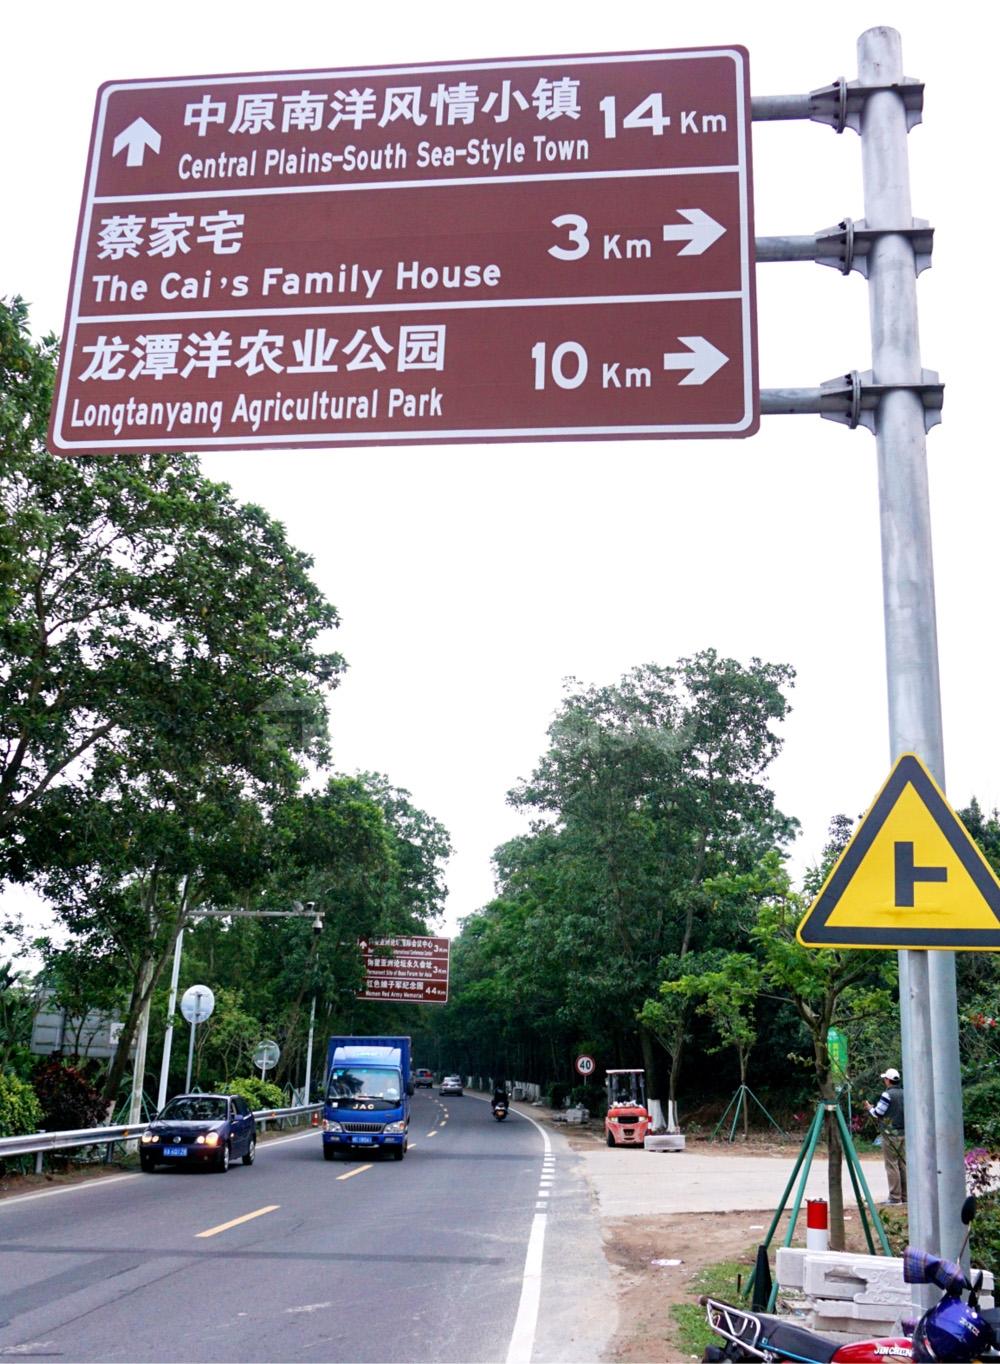 琼海博鳌路旅游牌标准化整改2.jpg